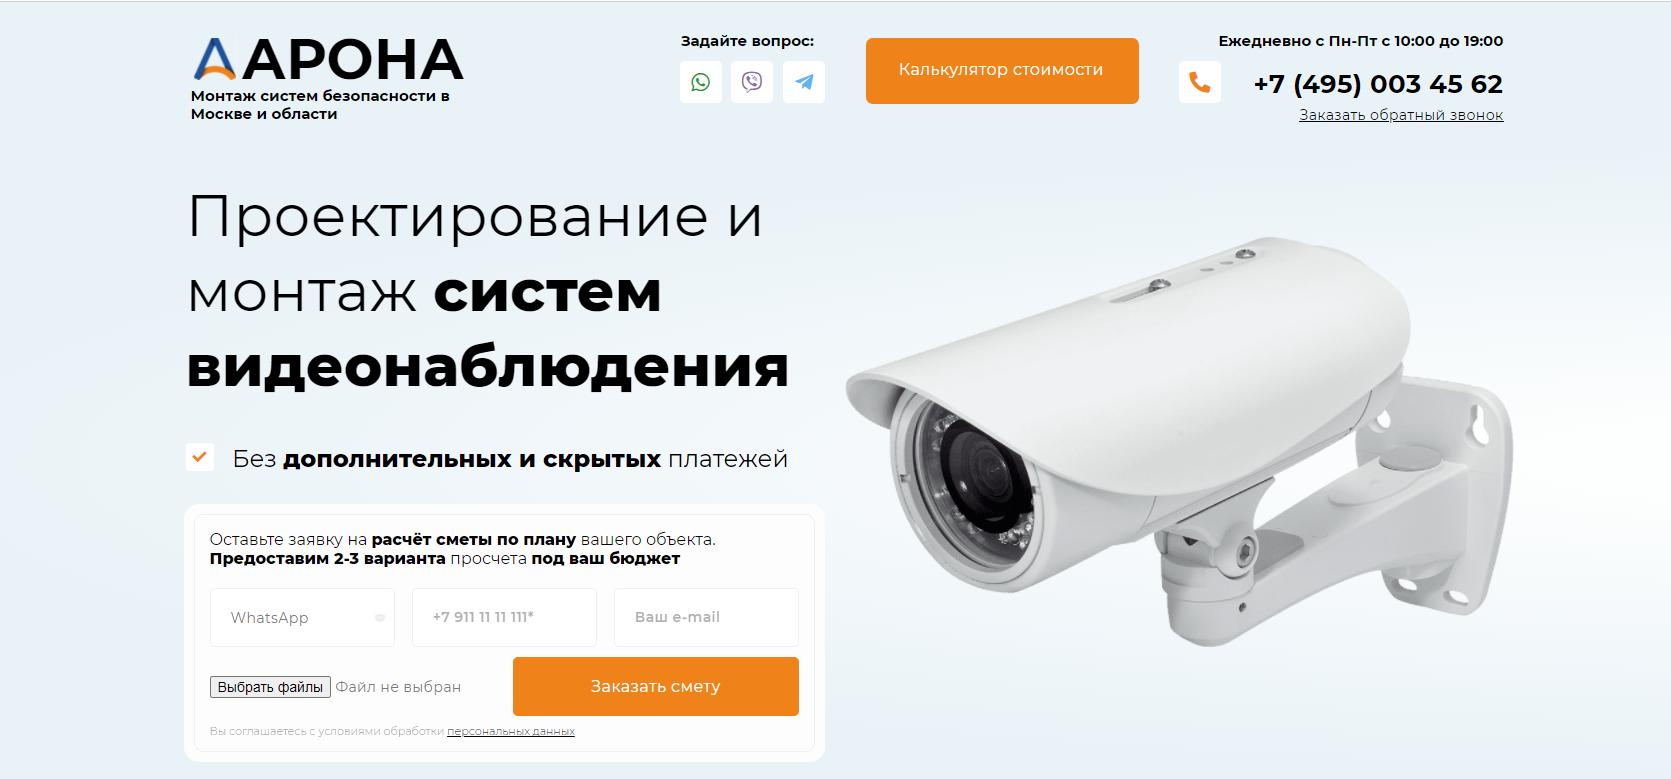 Landing Page монтаж систем видеонаблюдения